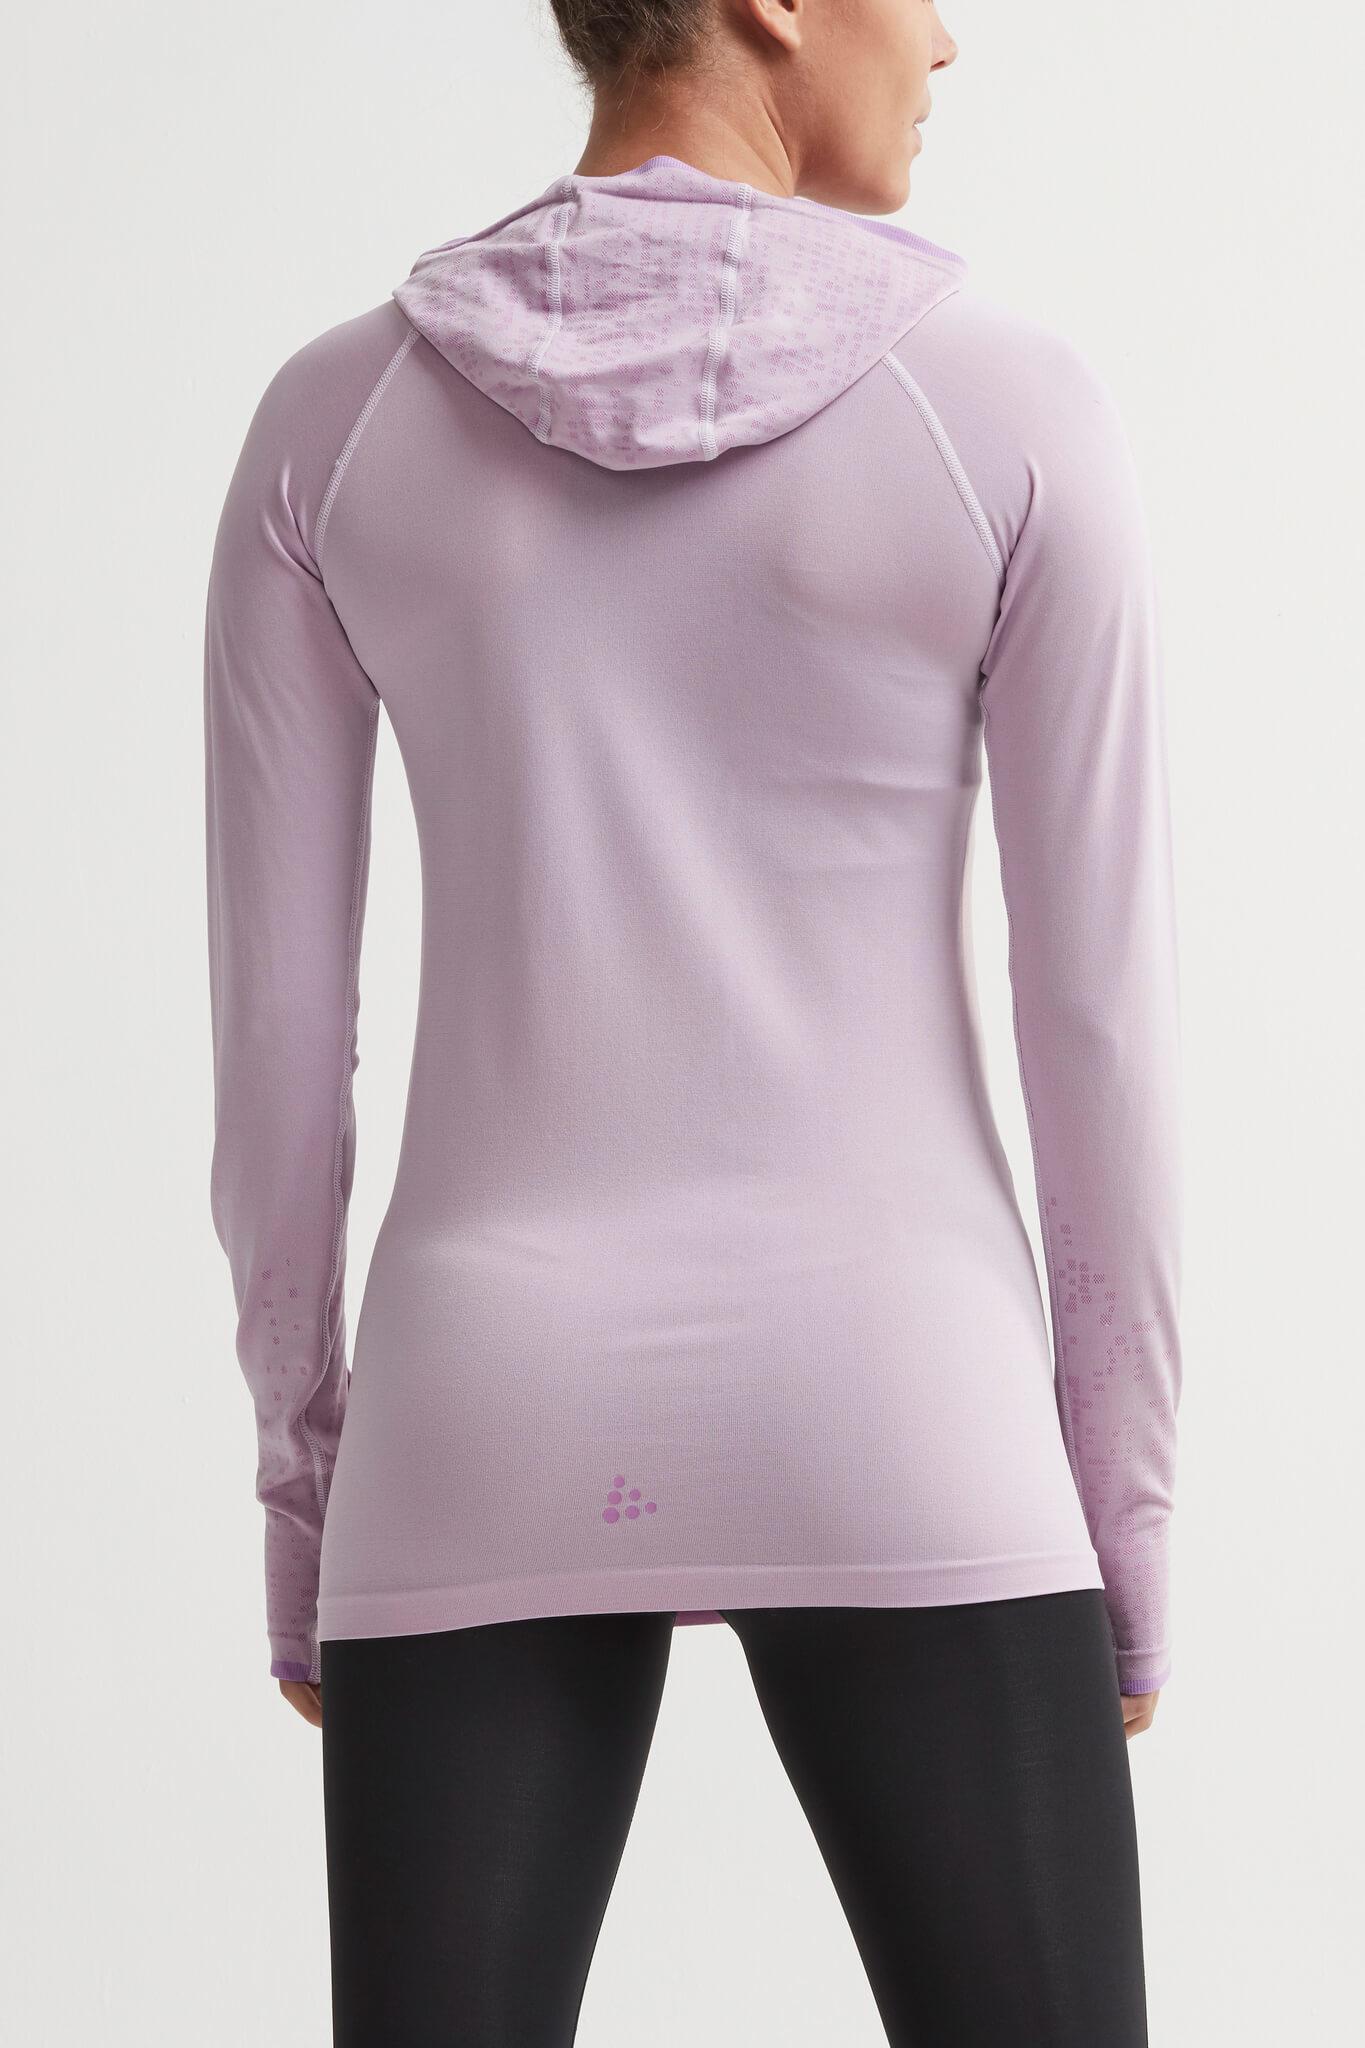 Craft Core Fuseknit рубашка беговая с капюшоном женская - 3